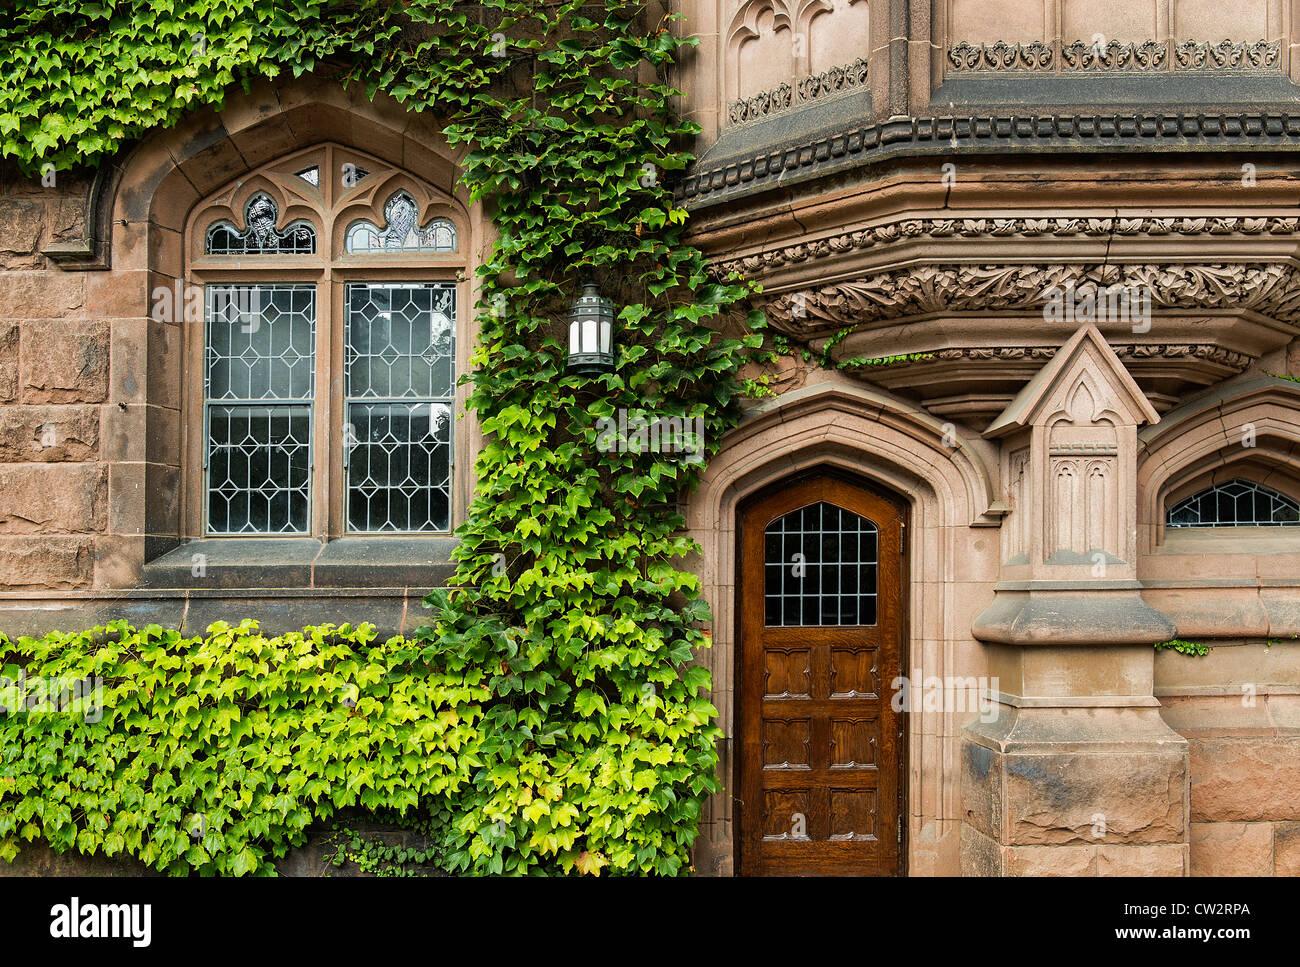 L'architecture de l'Ivy League, de l'Université de Princeton, New Jersey, USA Photo Stock